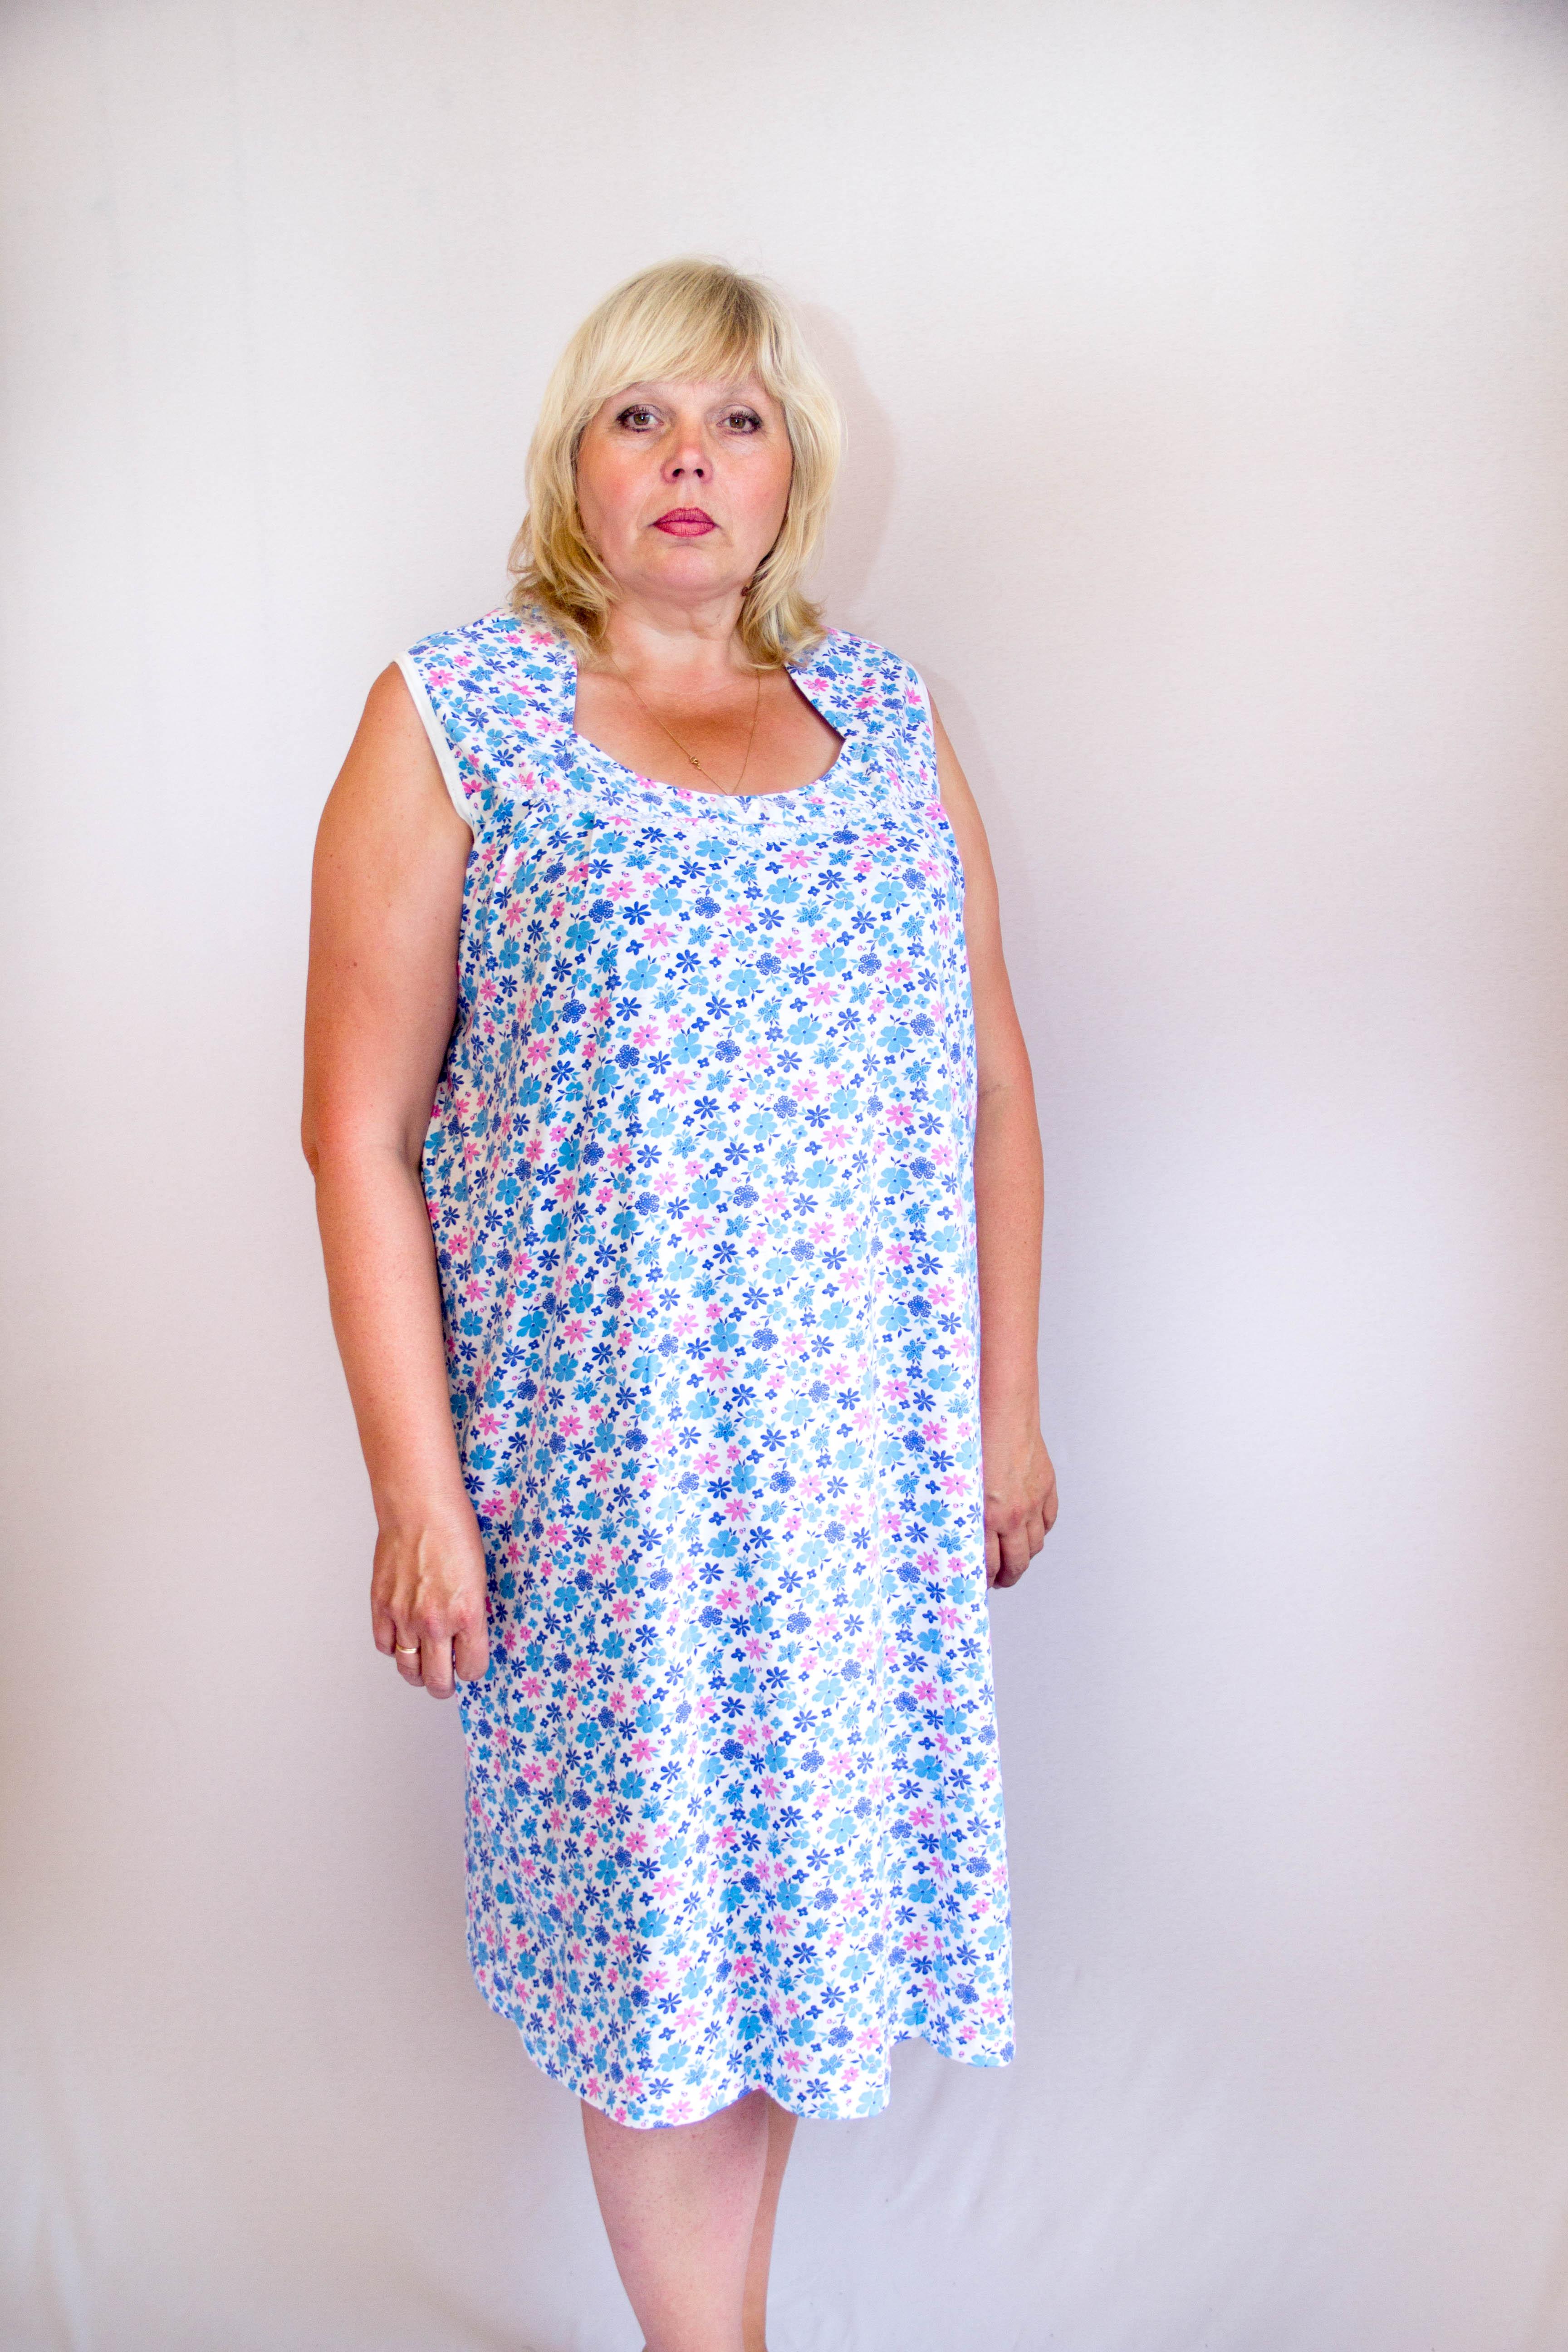 Изображение: Сорочка без рукавов